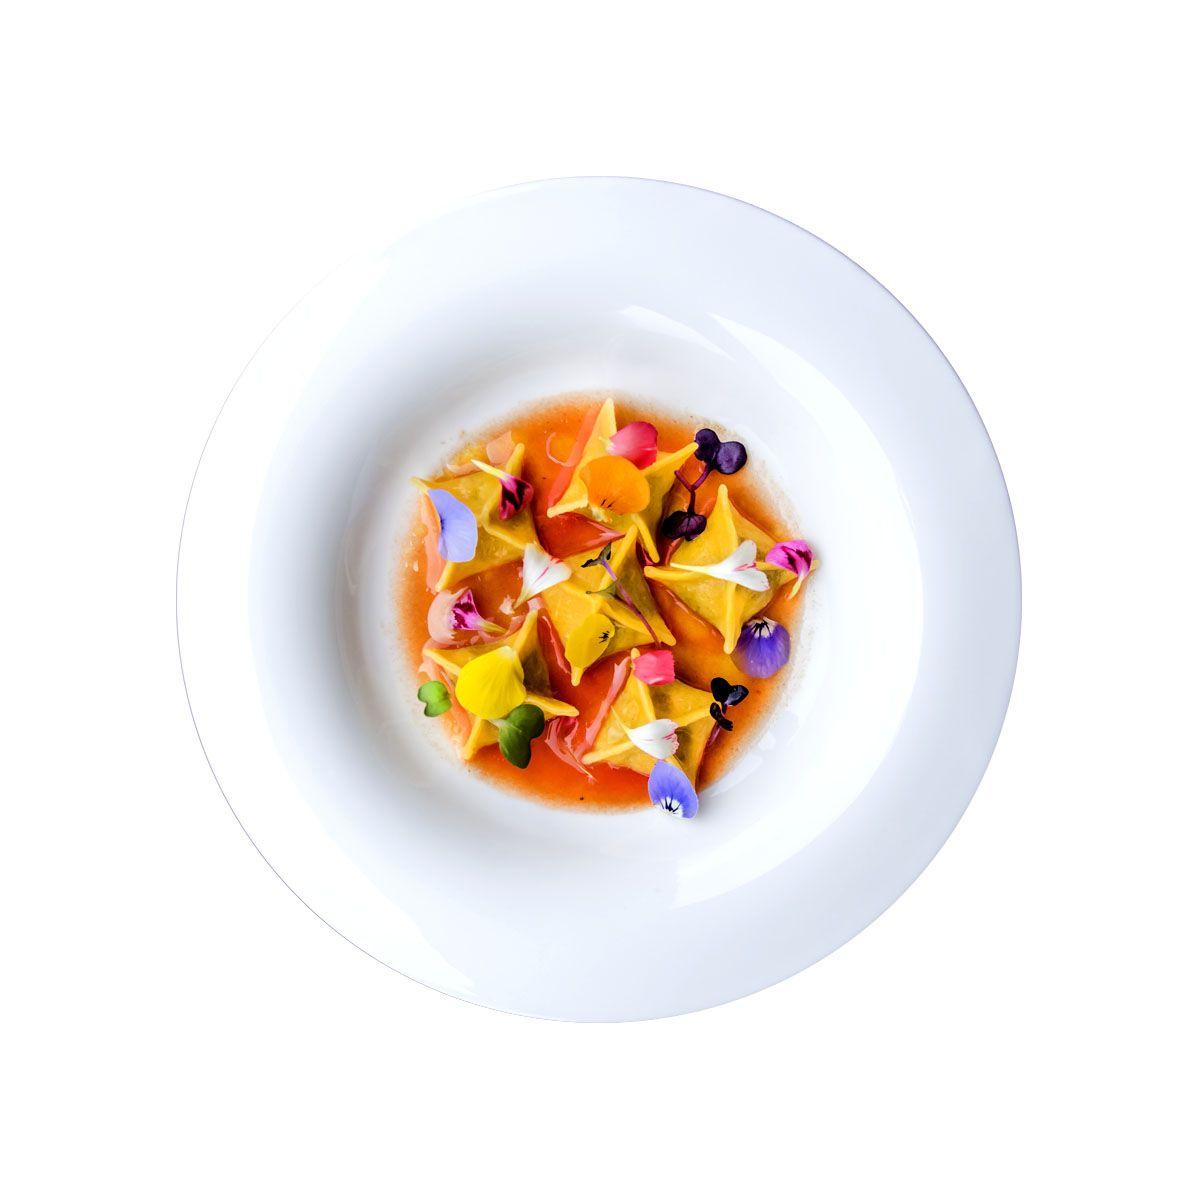 Ravioli al gorgonzola e colatura di pomodori. Agriturismo Torino Cantina Nicola.